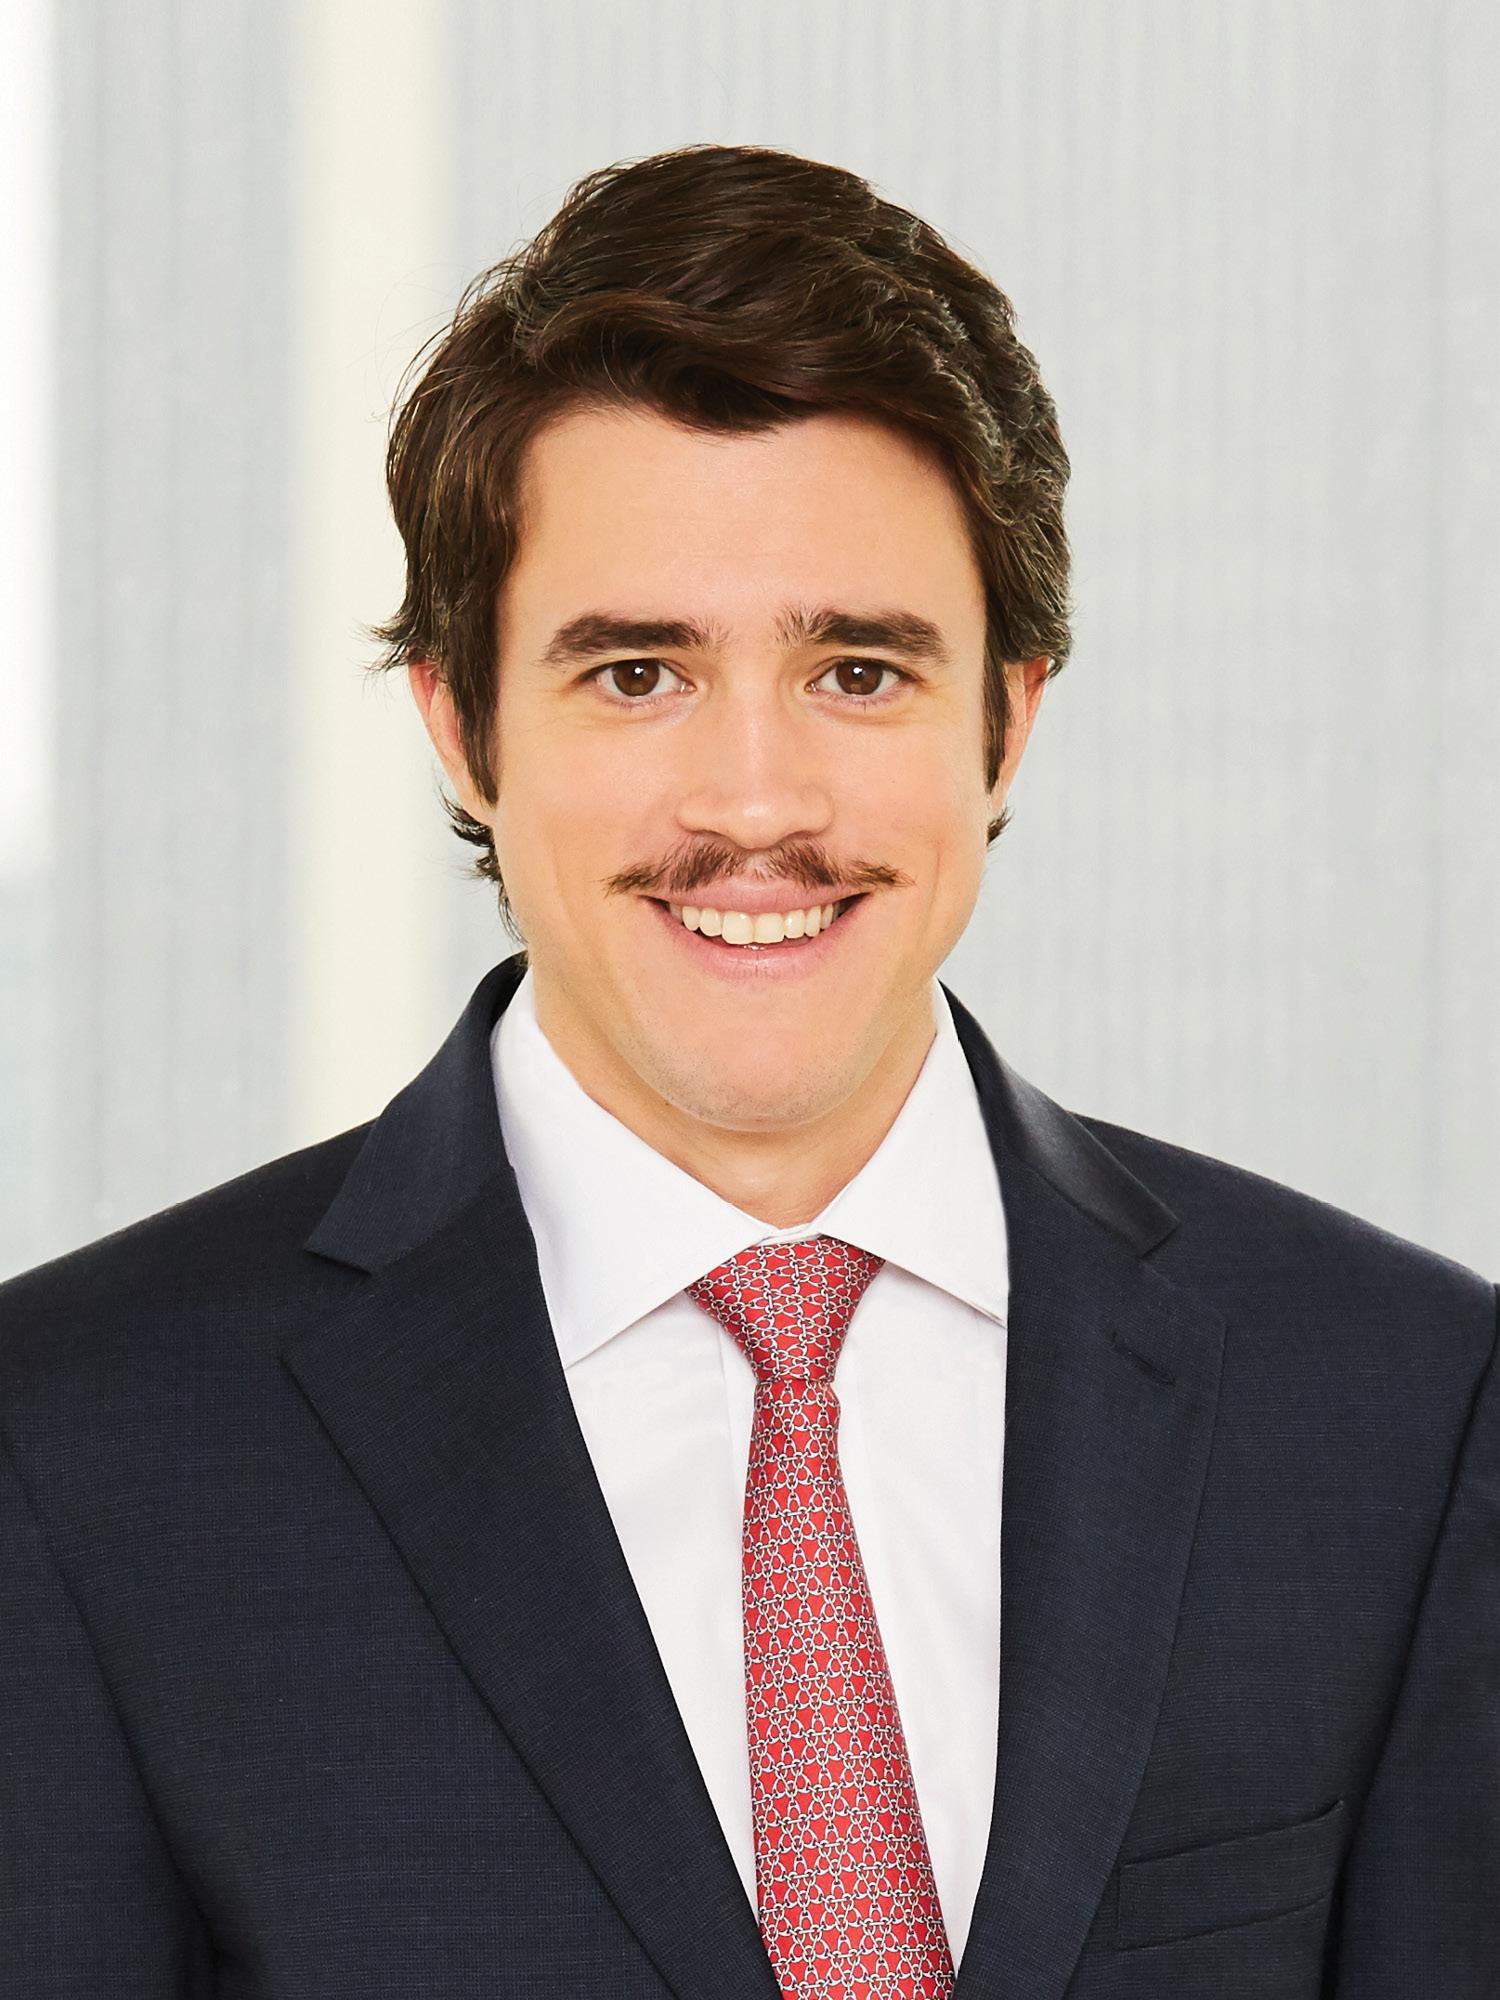 Zach Gutierrez - Licensed RE SalespersonM: (203) 981 9714Email Me